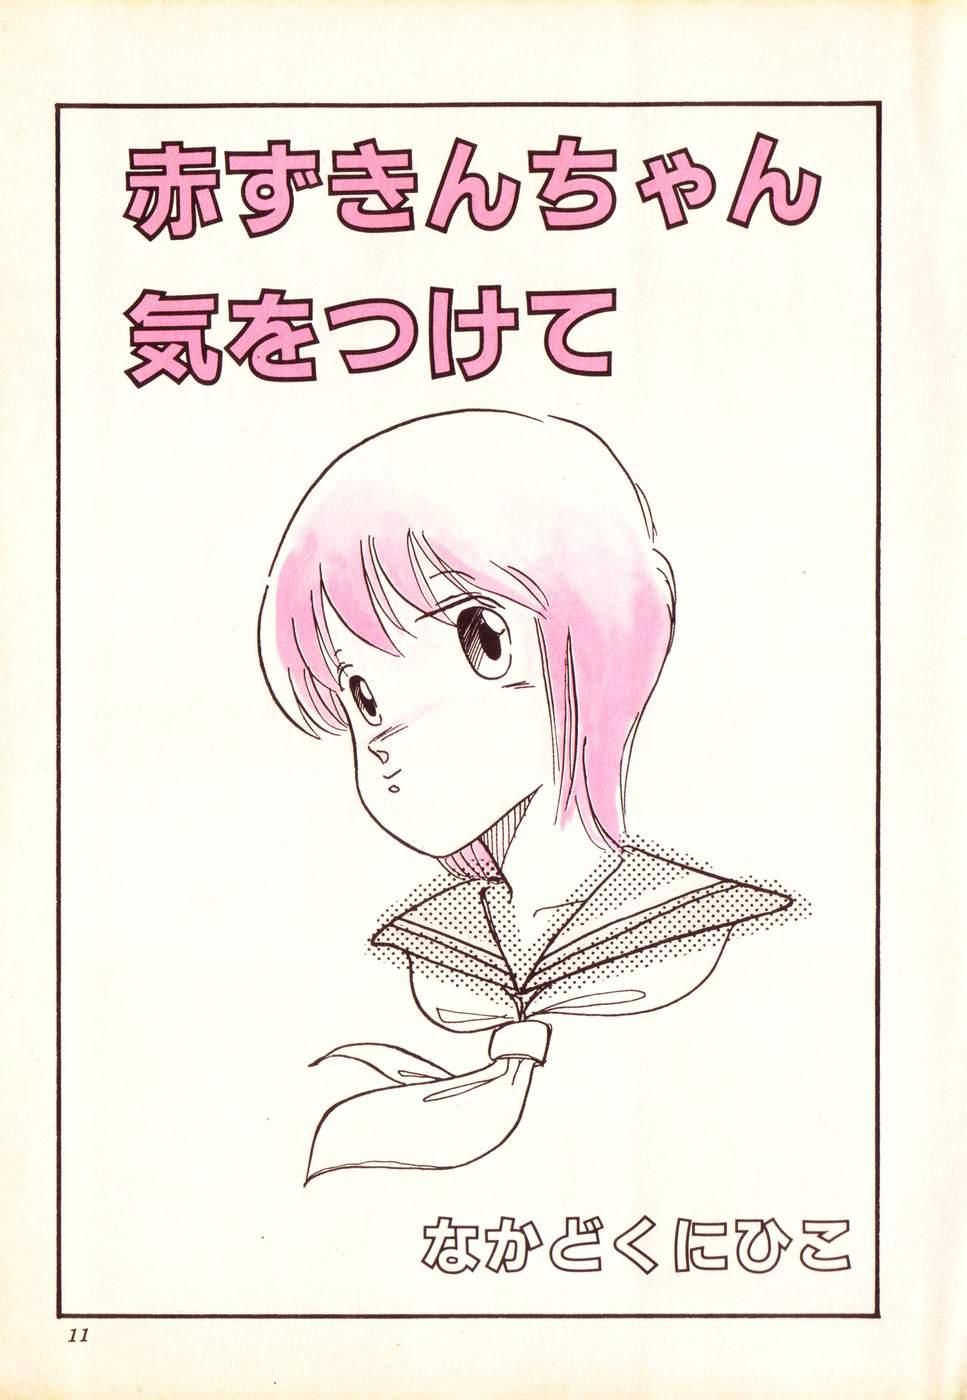 COMIC Lolipop 1985-10 Soukanjunbigou Aki 10